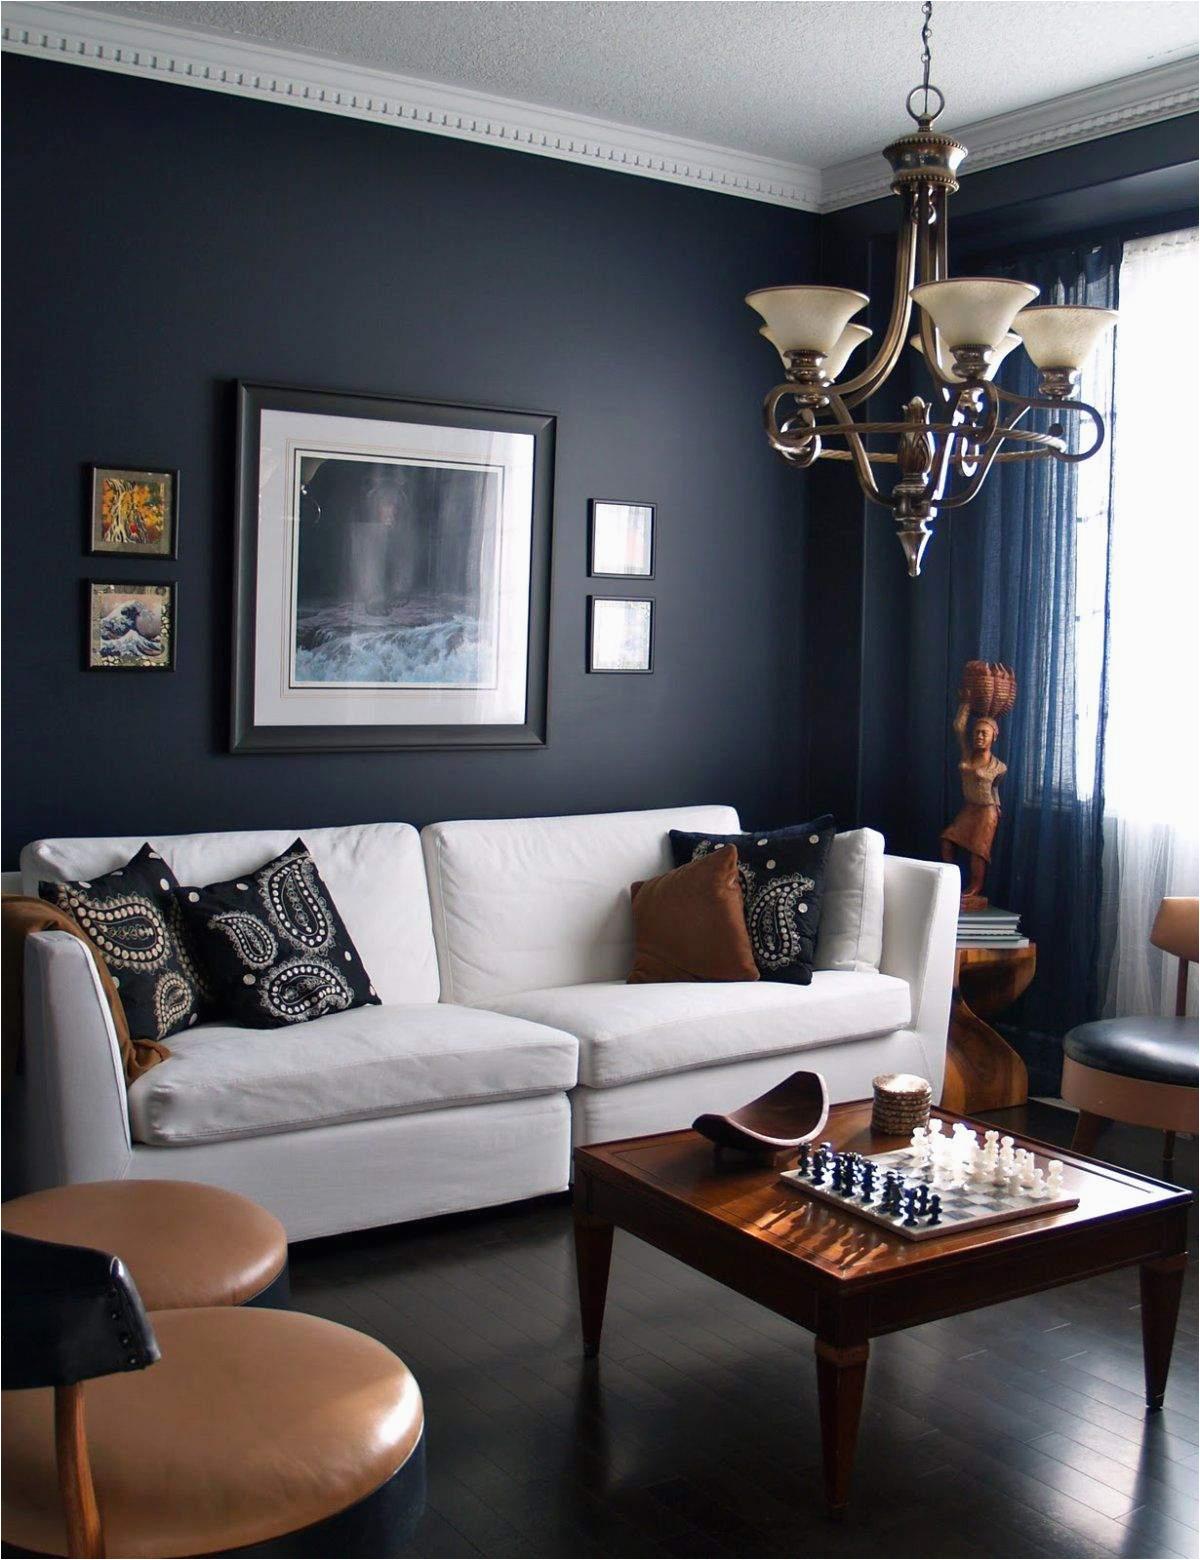 wohnzimmer grau braun schon wandfarben trends wohnzimmer schon dunkelblaue wand of wohnzimmer grau braun